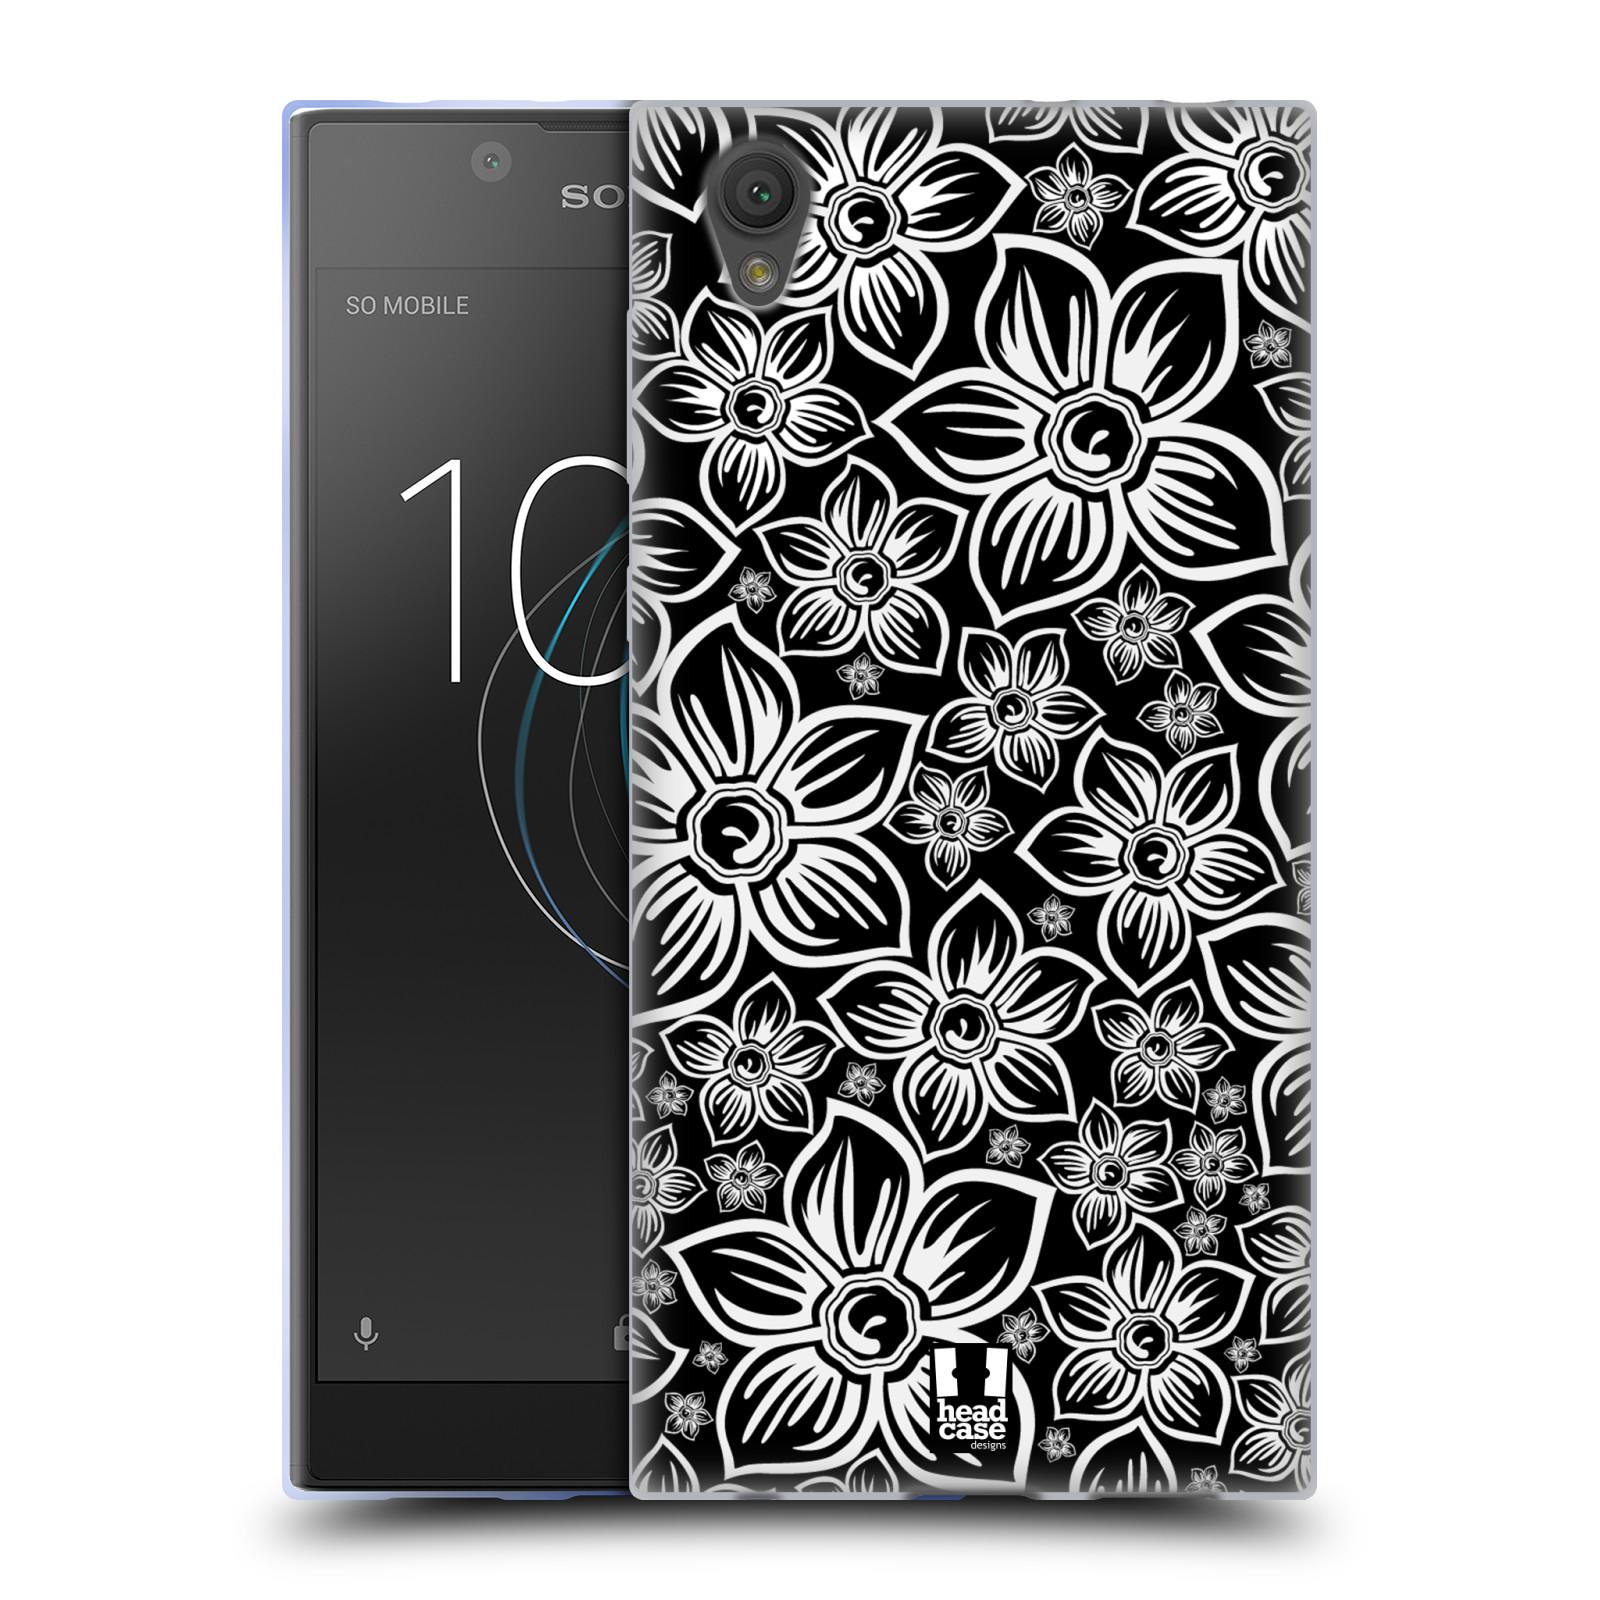 Silikonové pouzdro na mobil Sony Xperia L1 - Head Case - FLORAL DAISY